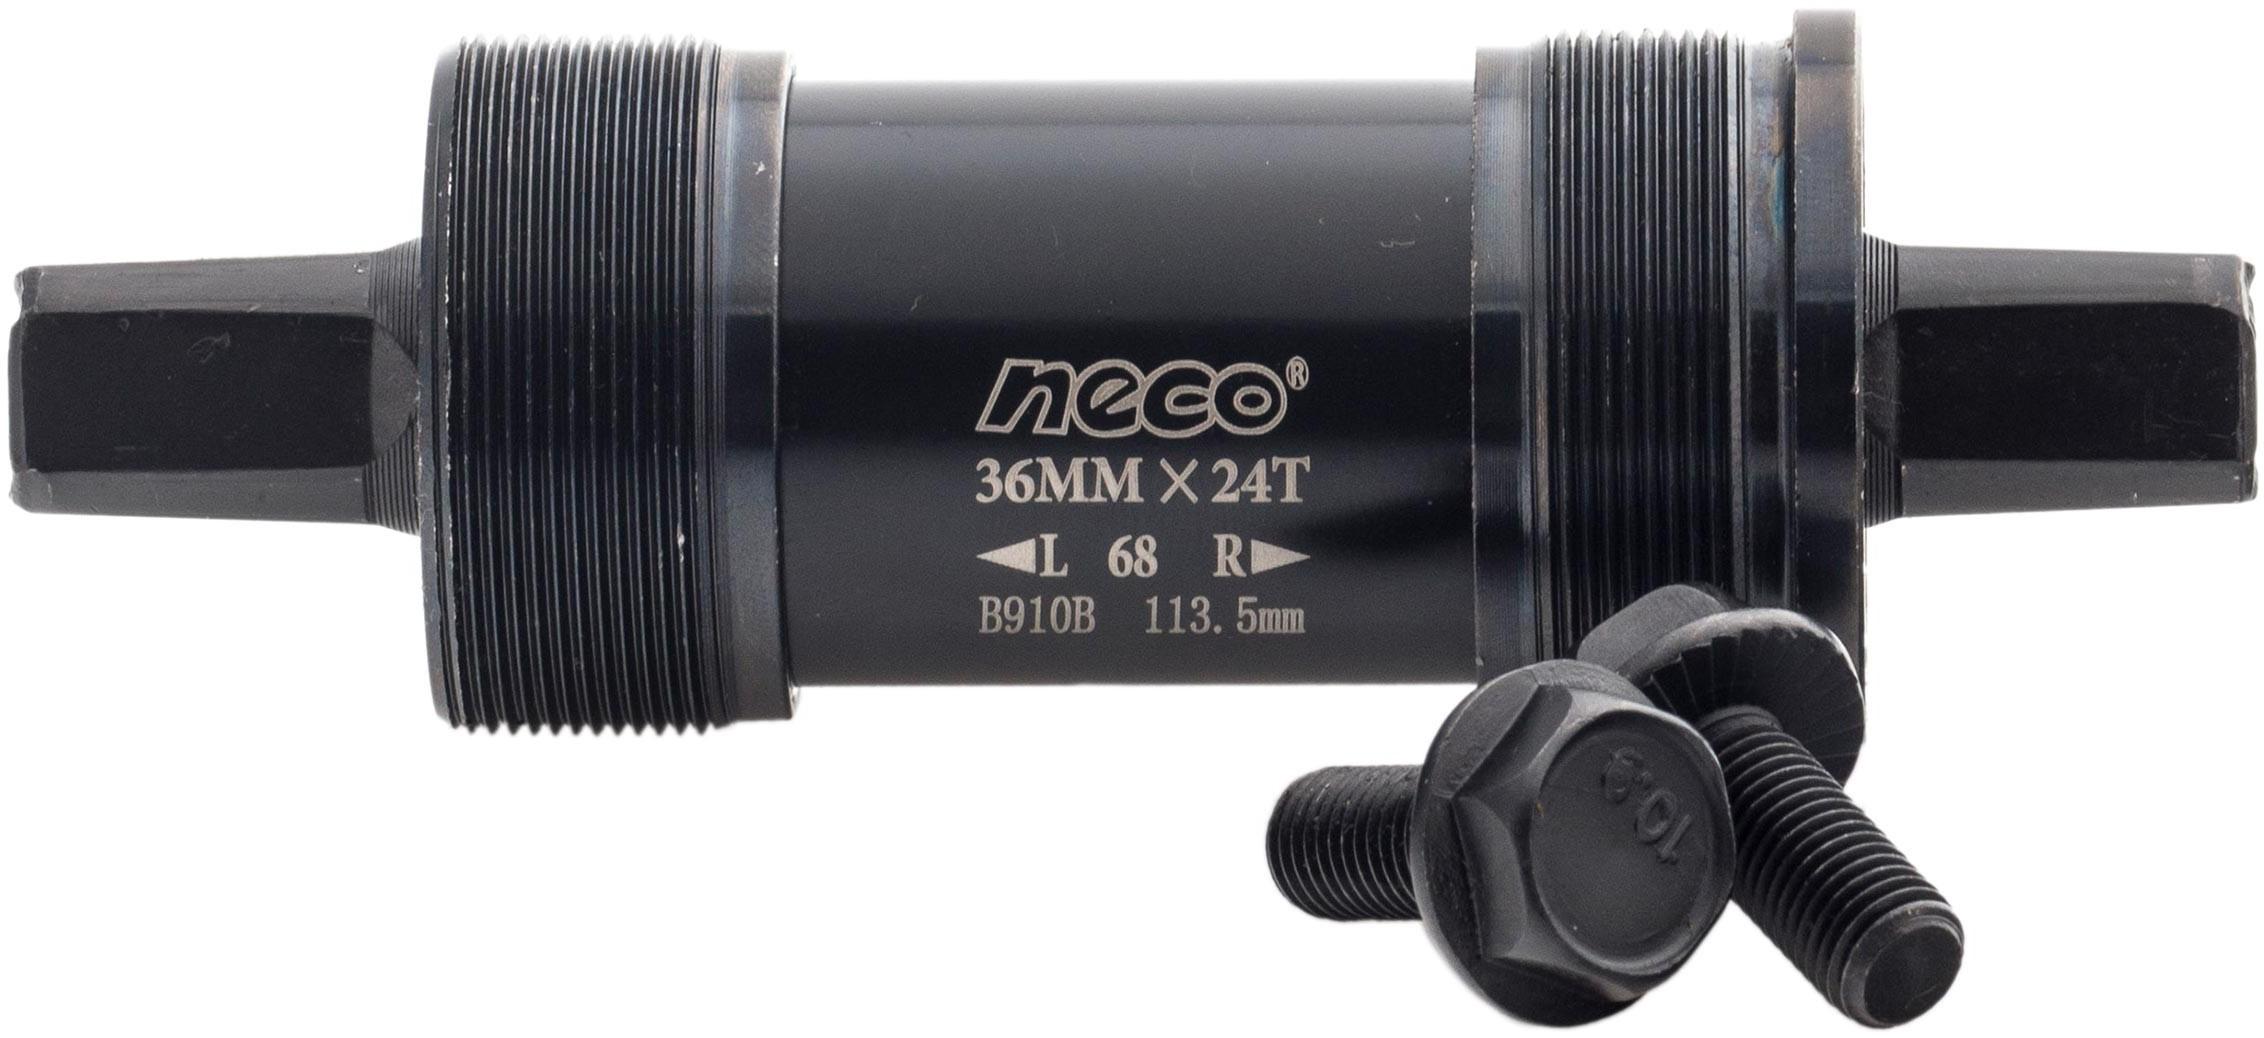 Neco Wkład suportu NECO 113,5mm 36''x24T ST/ST WŁOSKI CMK135